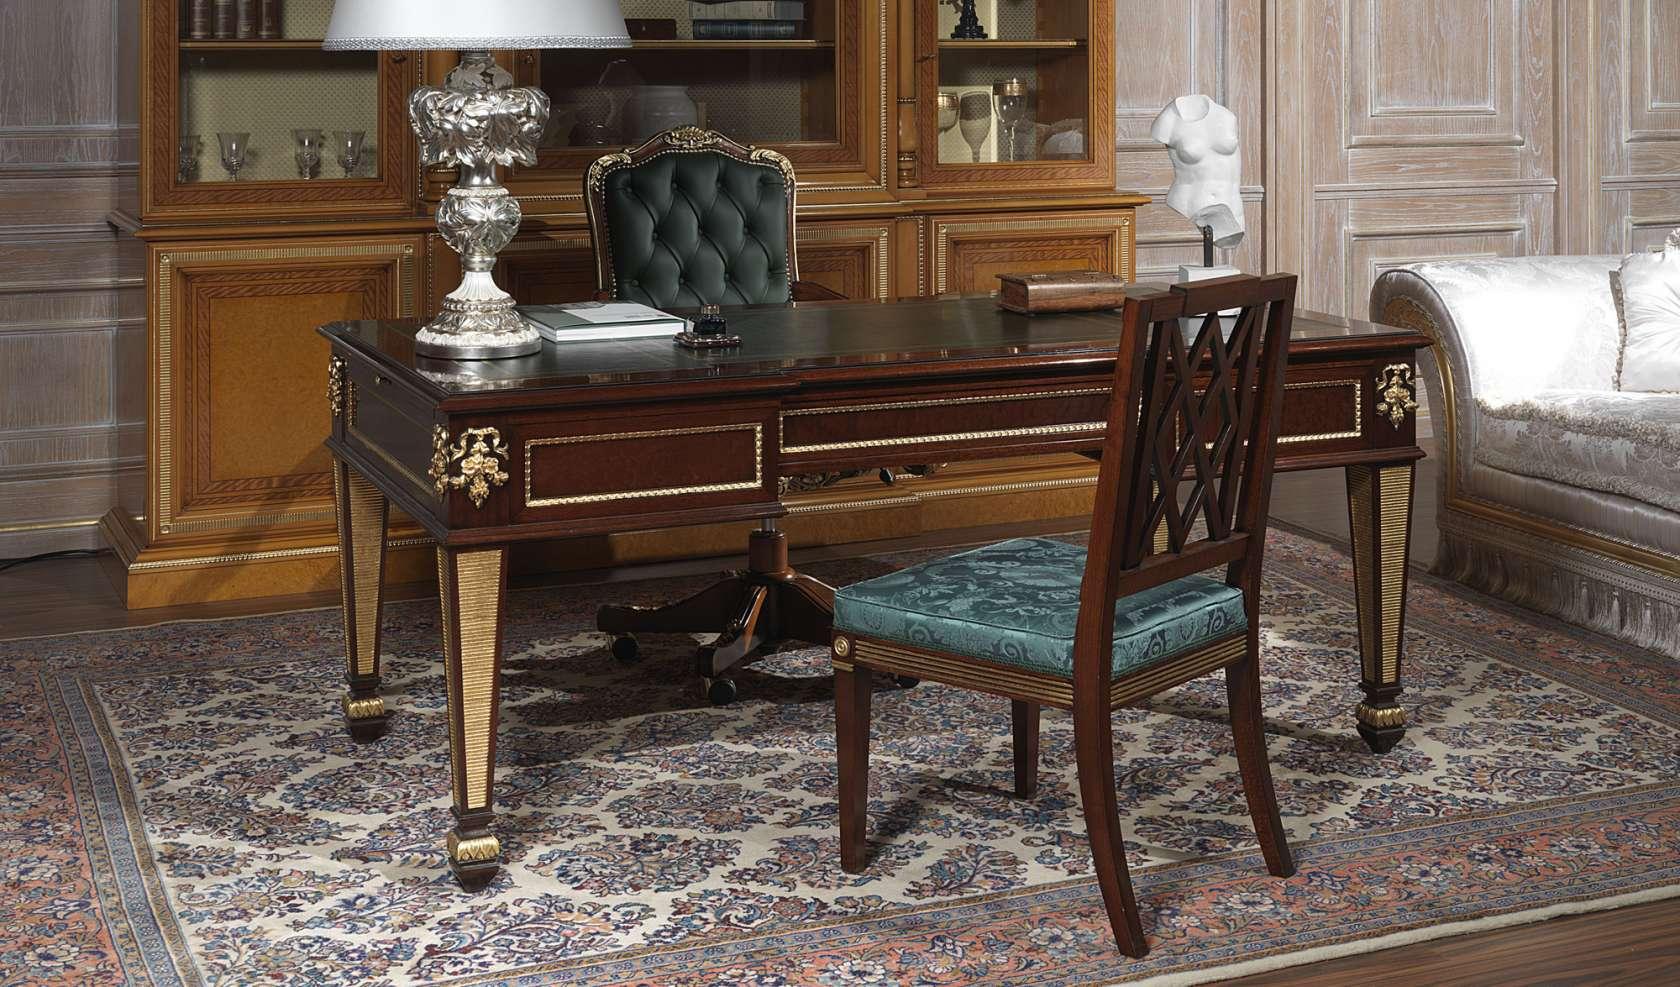 Ufficio Elegante Classico : Studio in stile classico ermitage vimercati meda